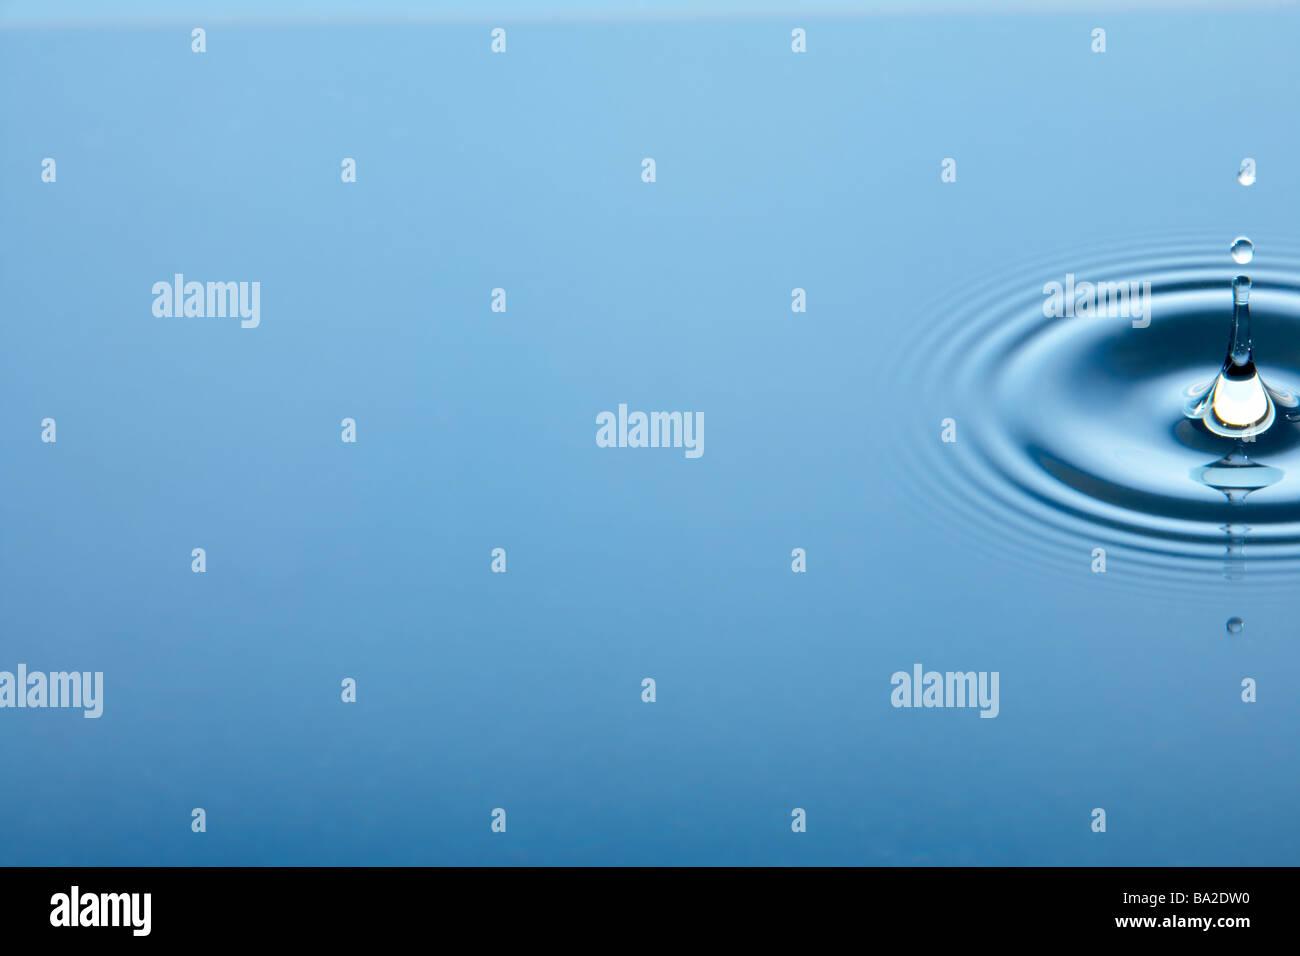 Des cercles concentriques formant en eau calme Photo Stock